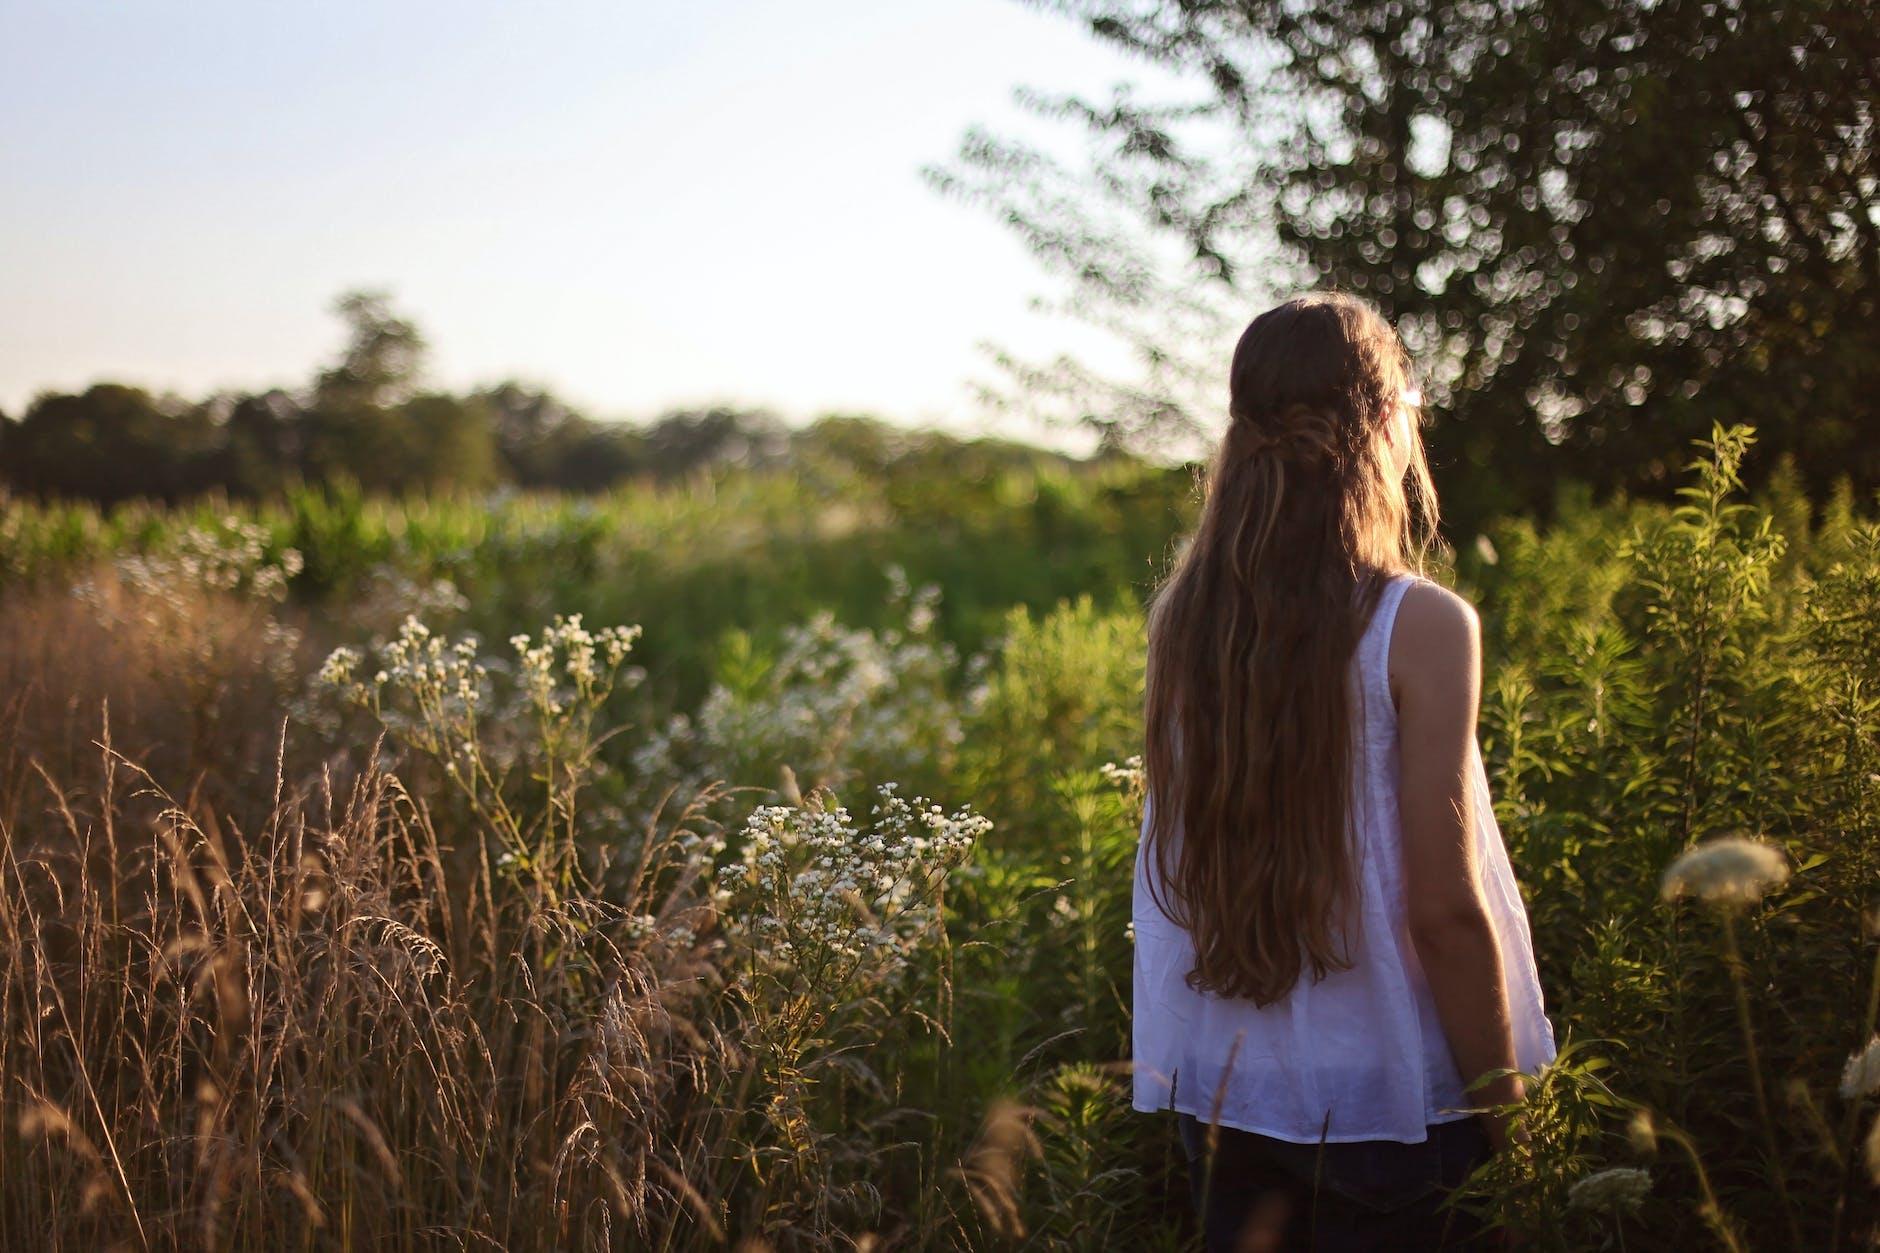 фото красивых девушек на природе вид сзади все-таки появление